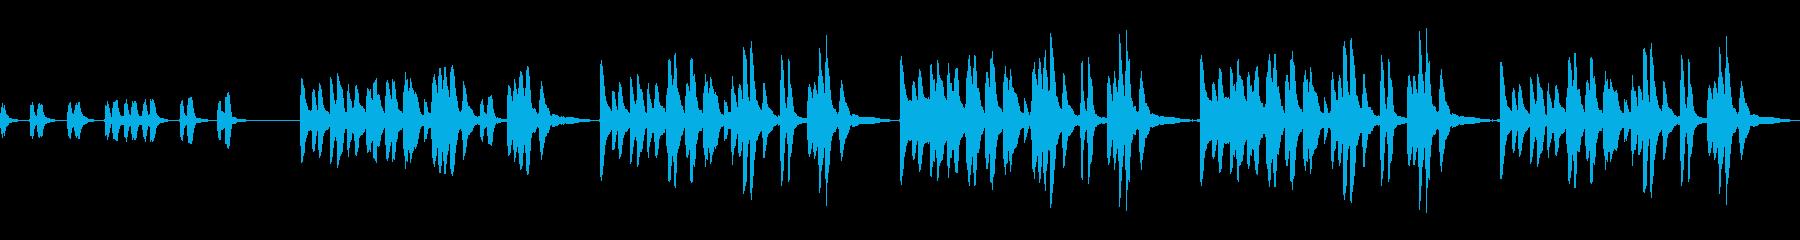 日常系BGM 子供・ほのぼの・のほほ〜んの再生済みの波形